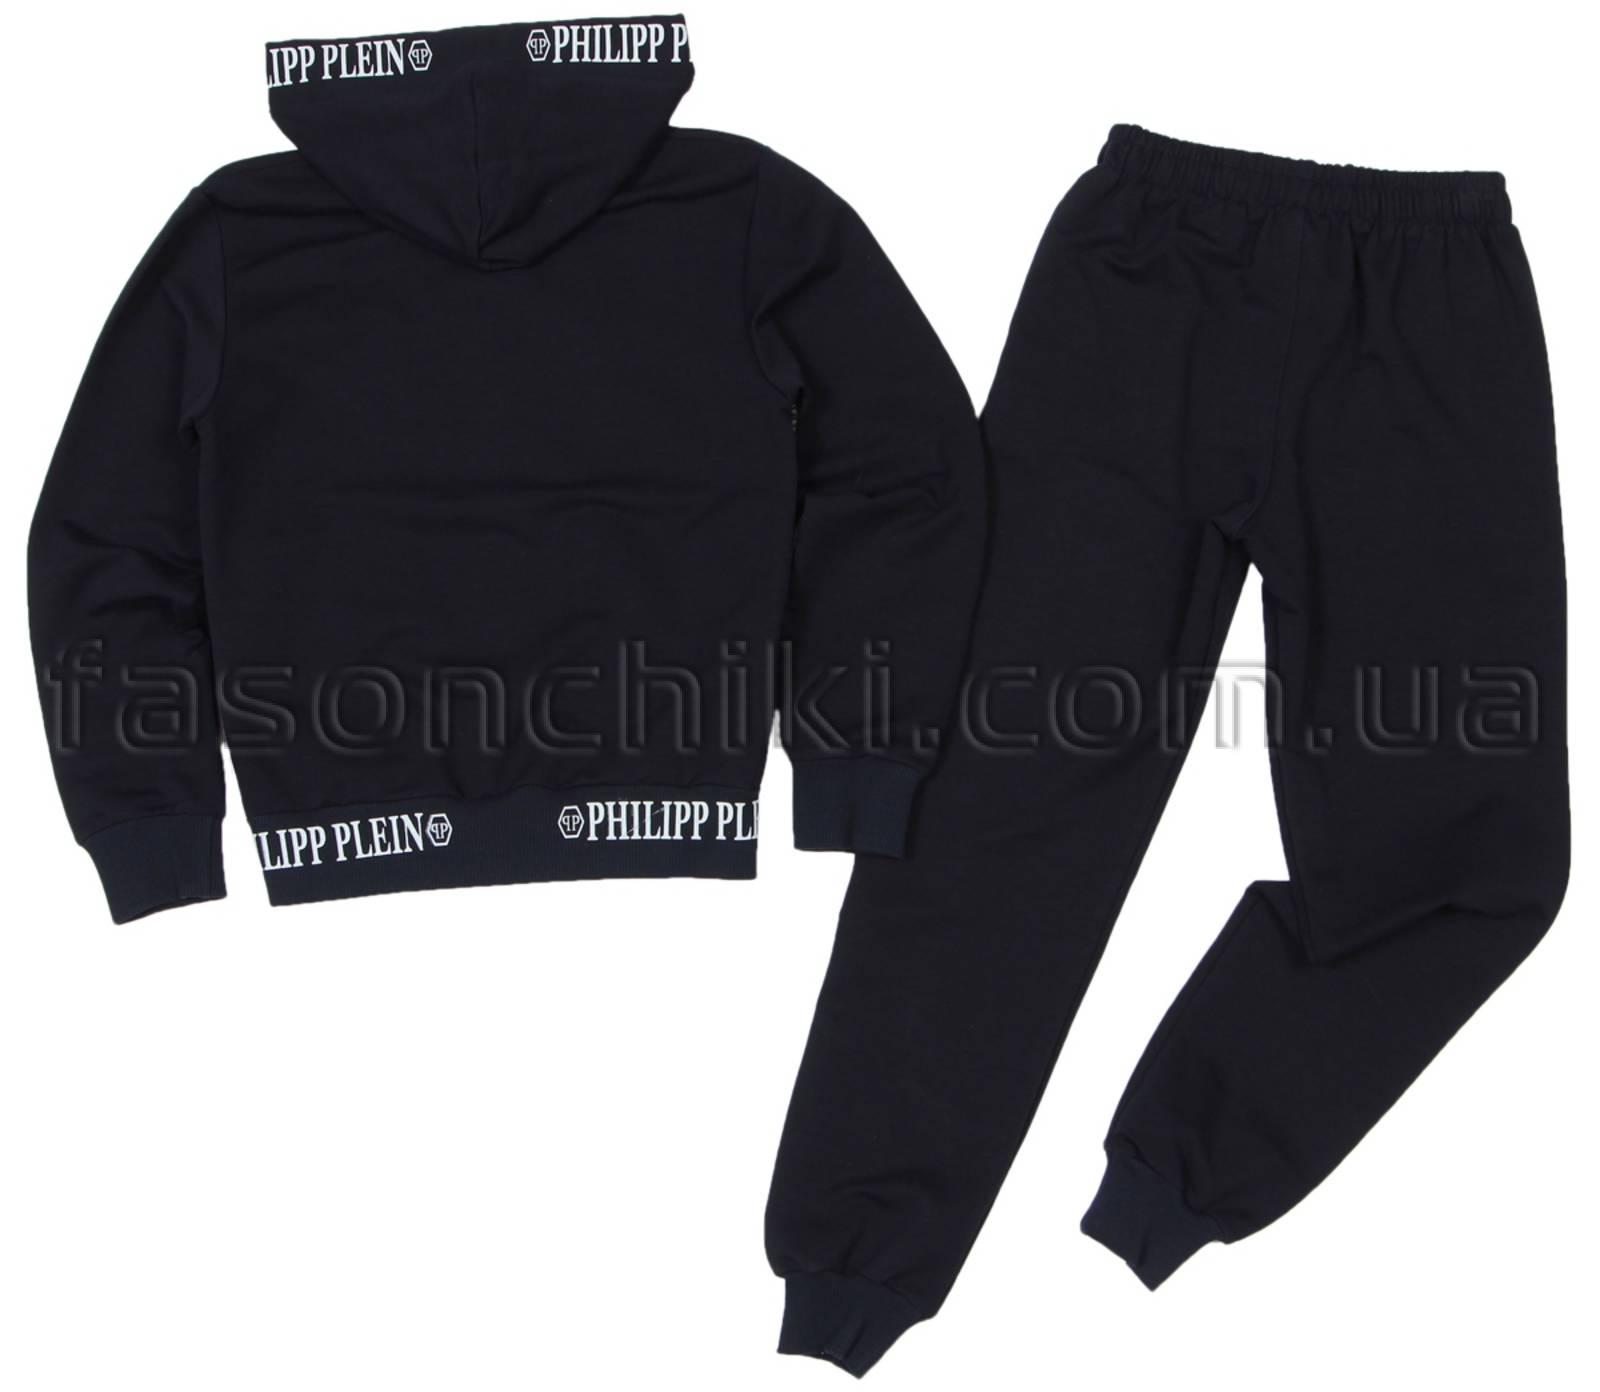 Спортивный костюм Philipp Plein   купить, цена   15 0718 ... 52a3a472e79